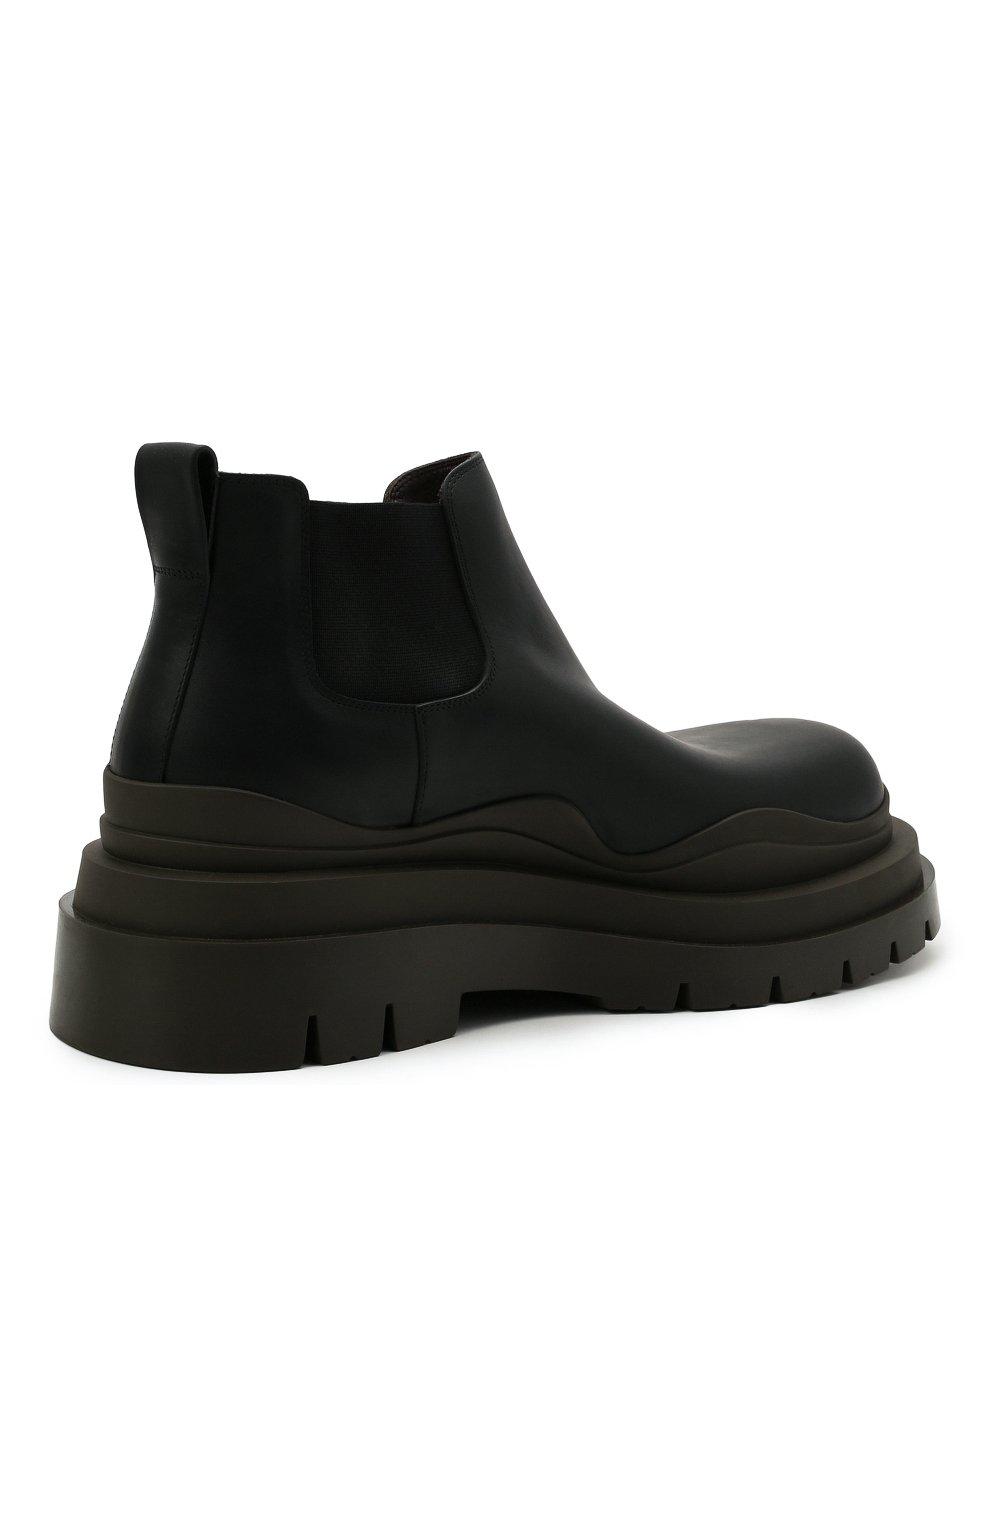 Мужские кожаные челси tire BOTTEGA VENETA черного цвета, арт. 630281/VBS50 | Фото 5 (Каблук высота: Высокий; Материал внутренний: Натуральная кожа; Подошва: Массивная; Мужское Кросс-КТ: Сапоги-обувь, Челси-обувь)